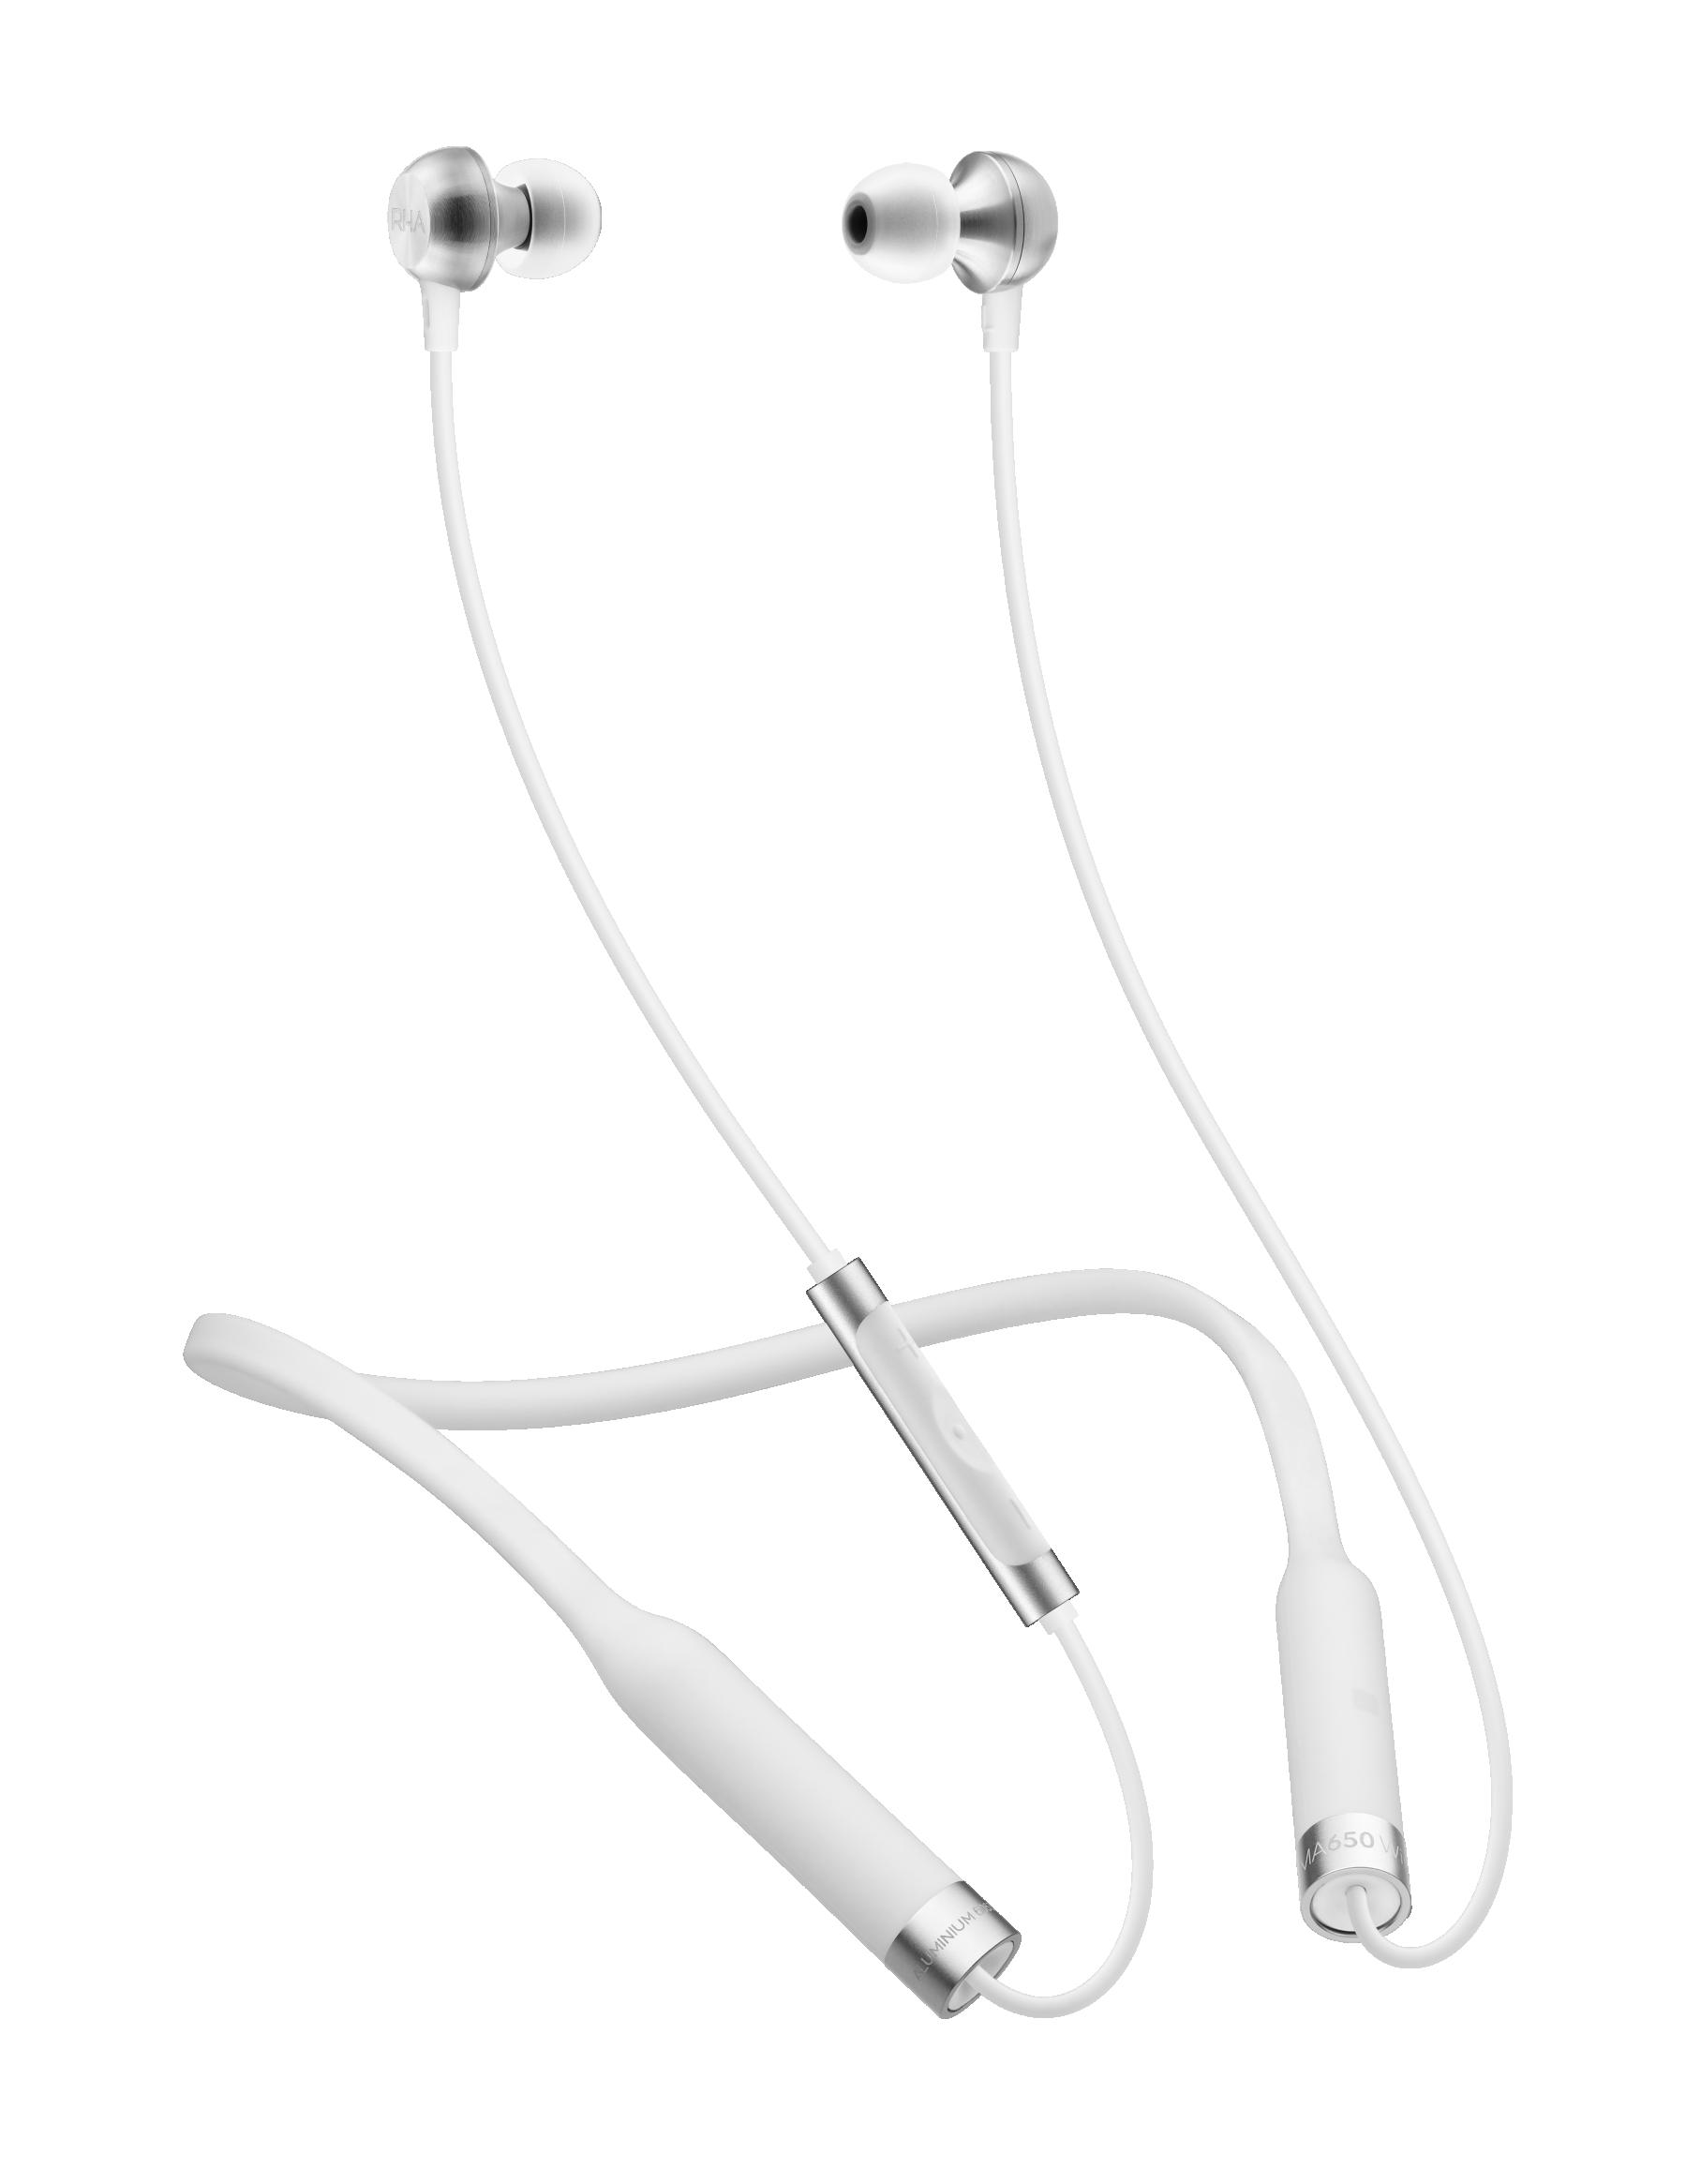 AURICULARES RHA MA650 Wireless blanco